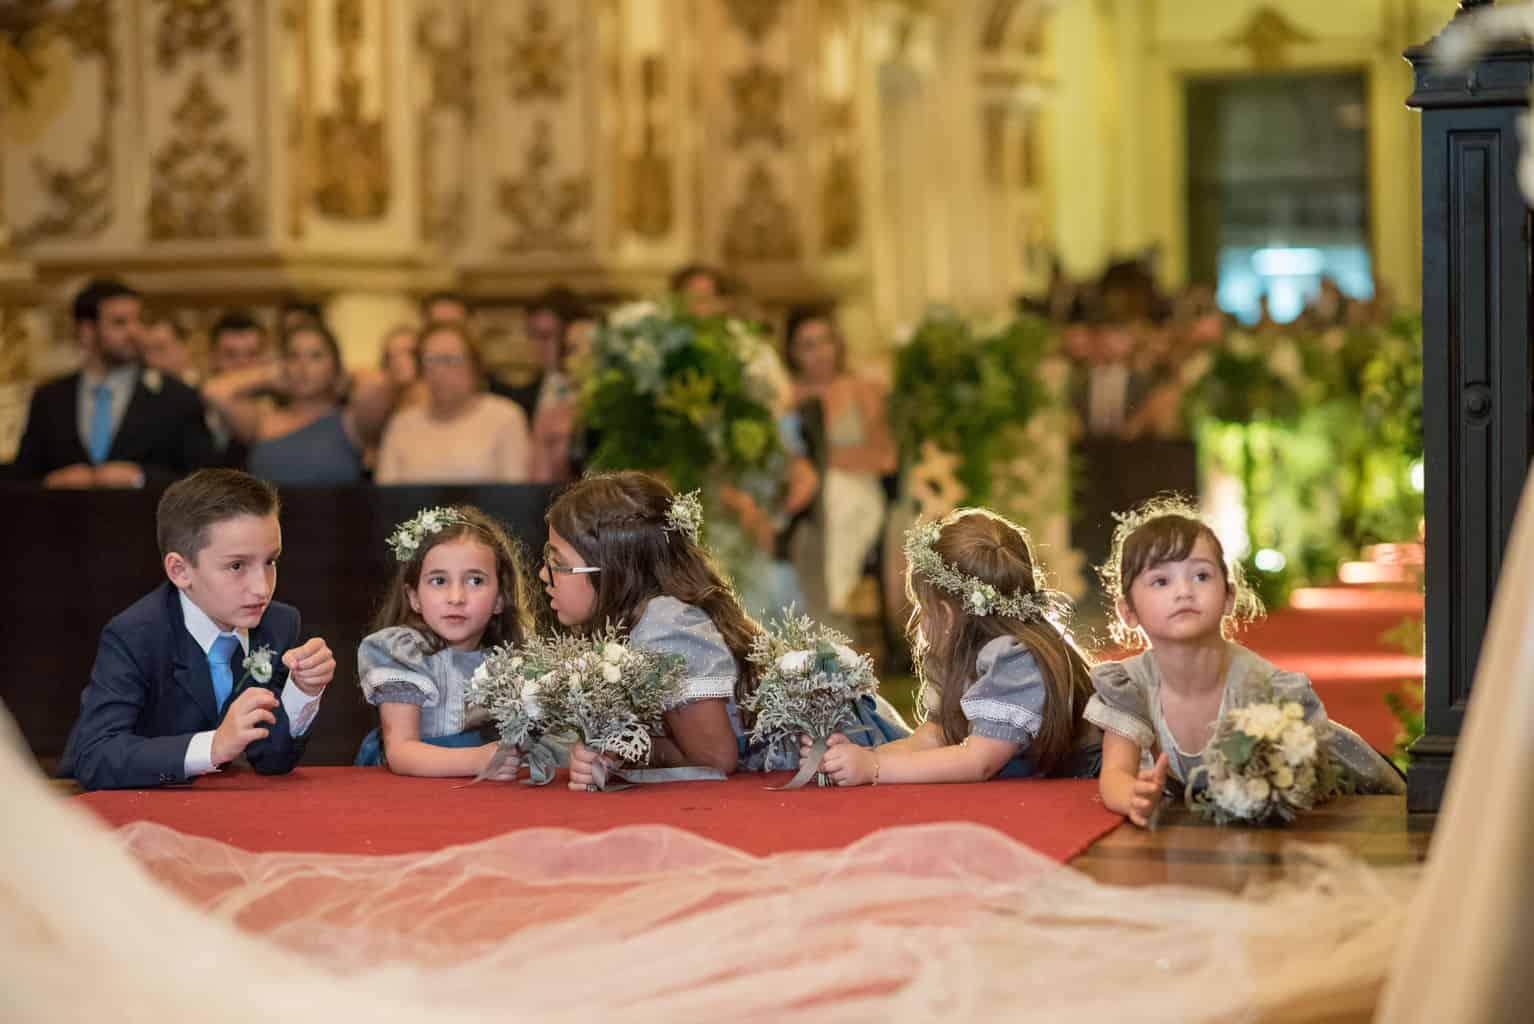 casamenot-Carolina-e-Thiago-casamento-clássico-Rio-de-Janeiro-Fotografia-Marina-Fava34